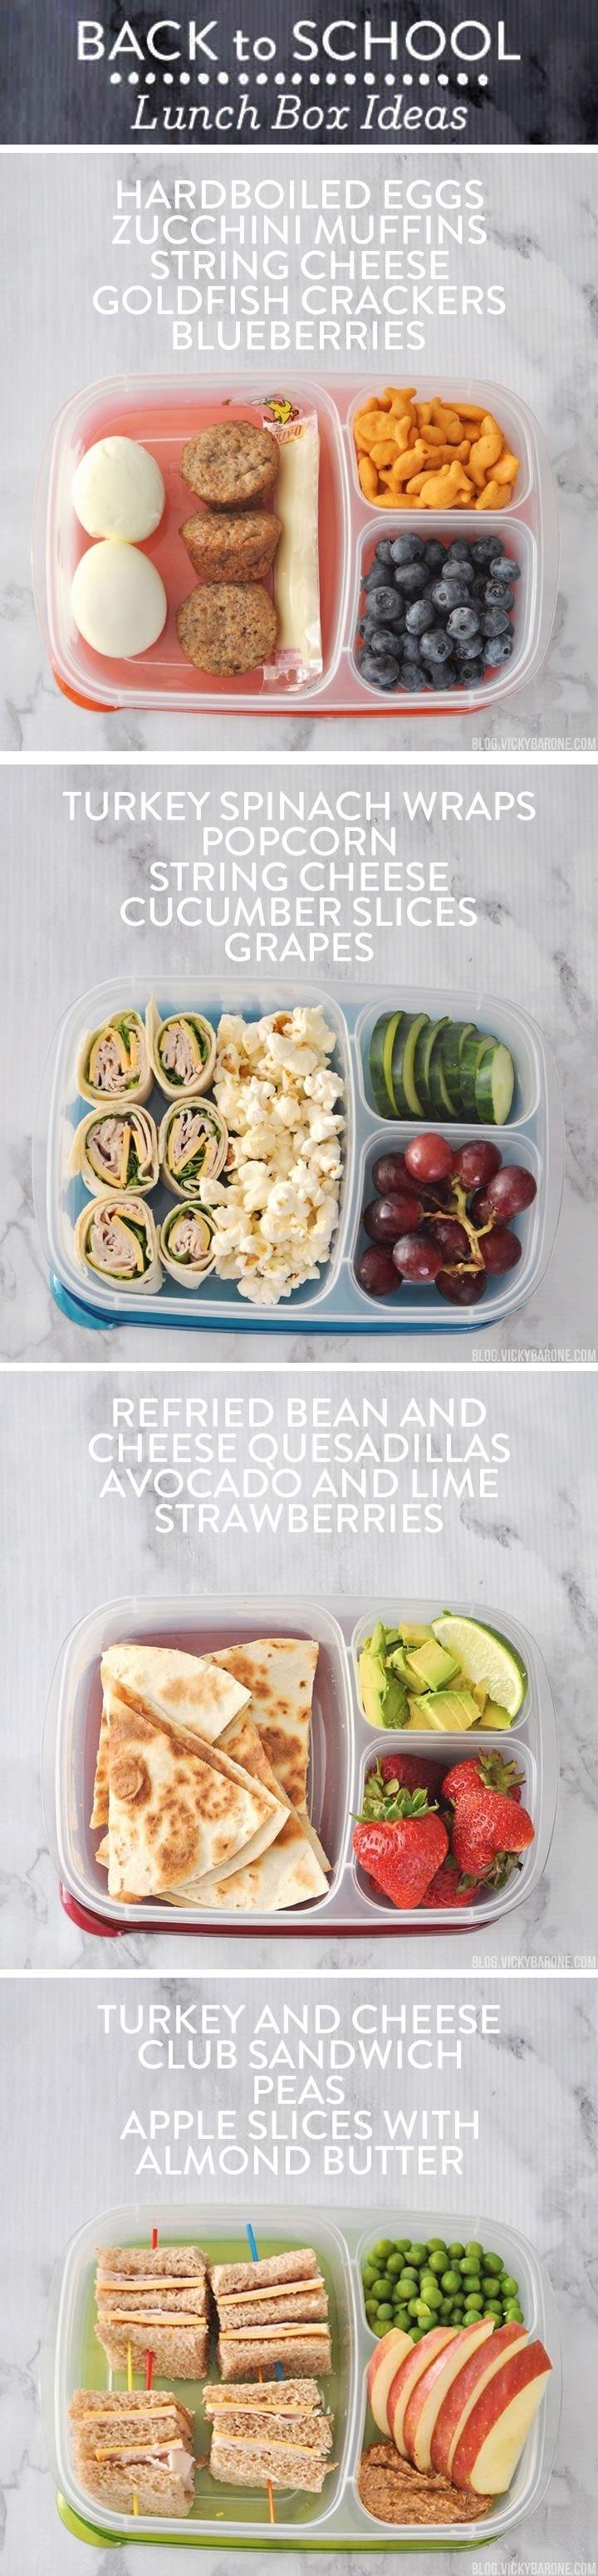 10 Great School Lunch Ideas For High Schoolers les 17 meilleures images du tableau lunch ideas sur pinterest